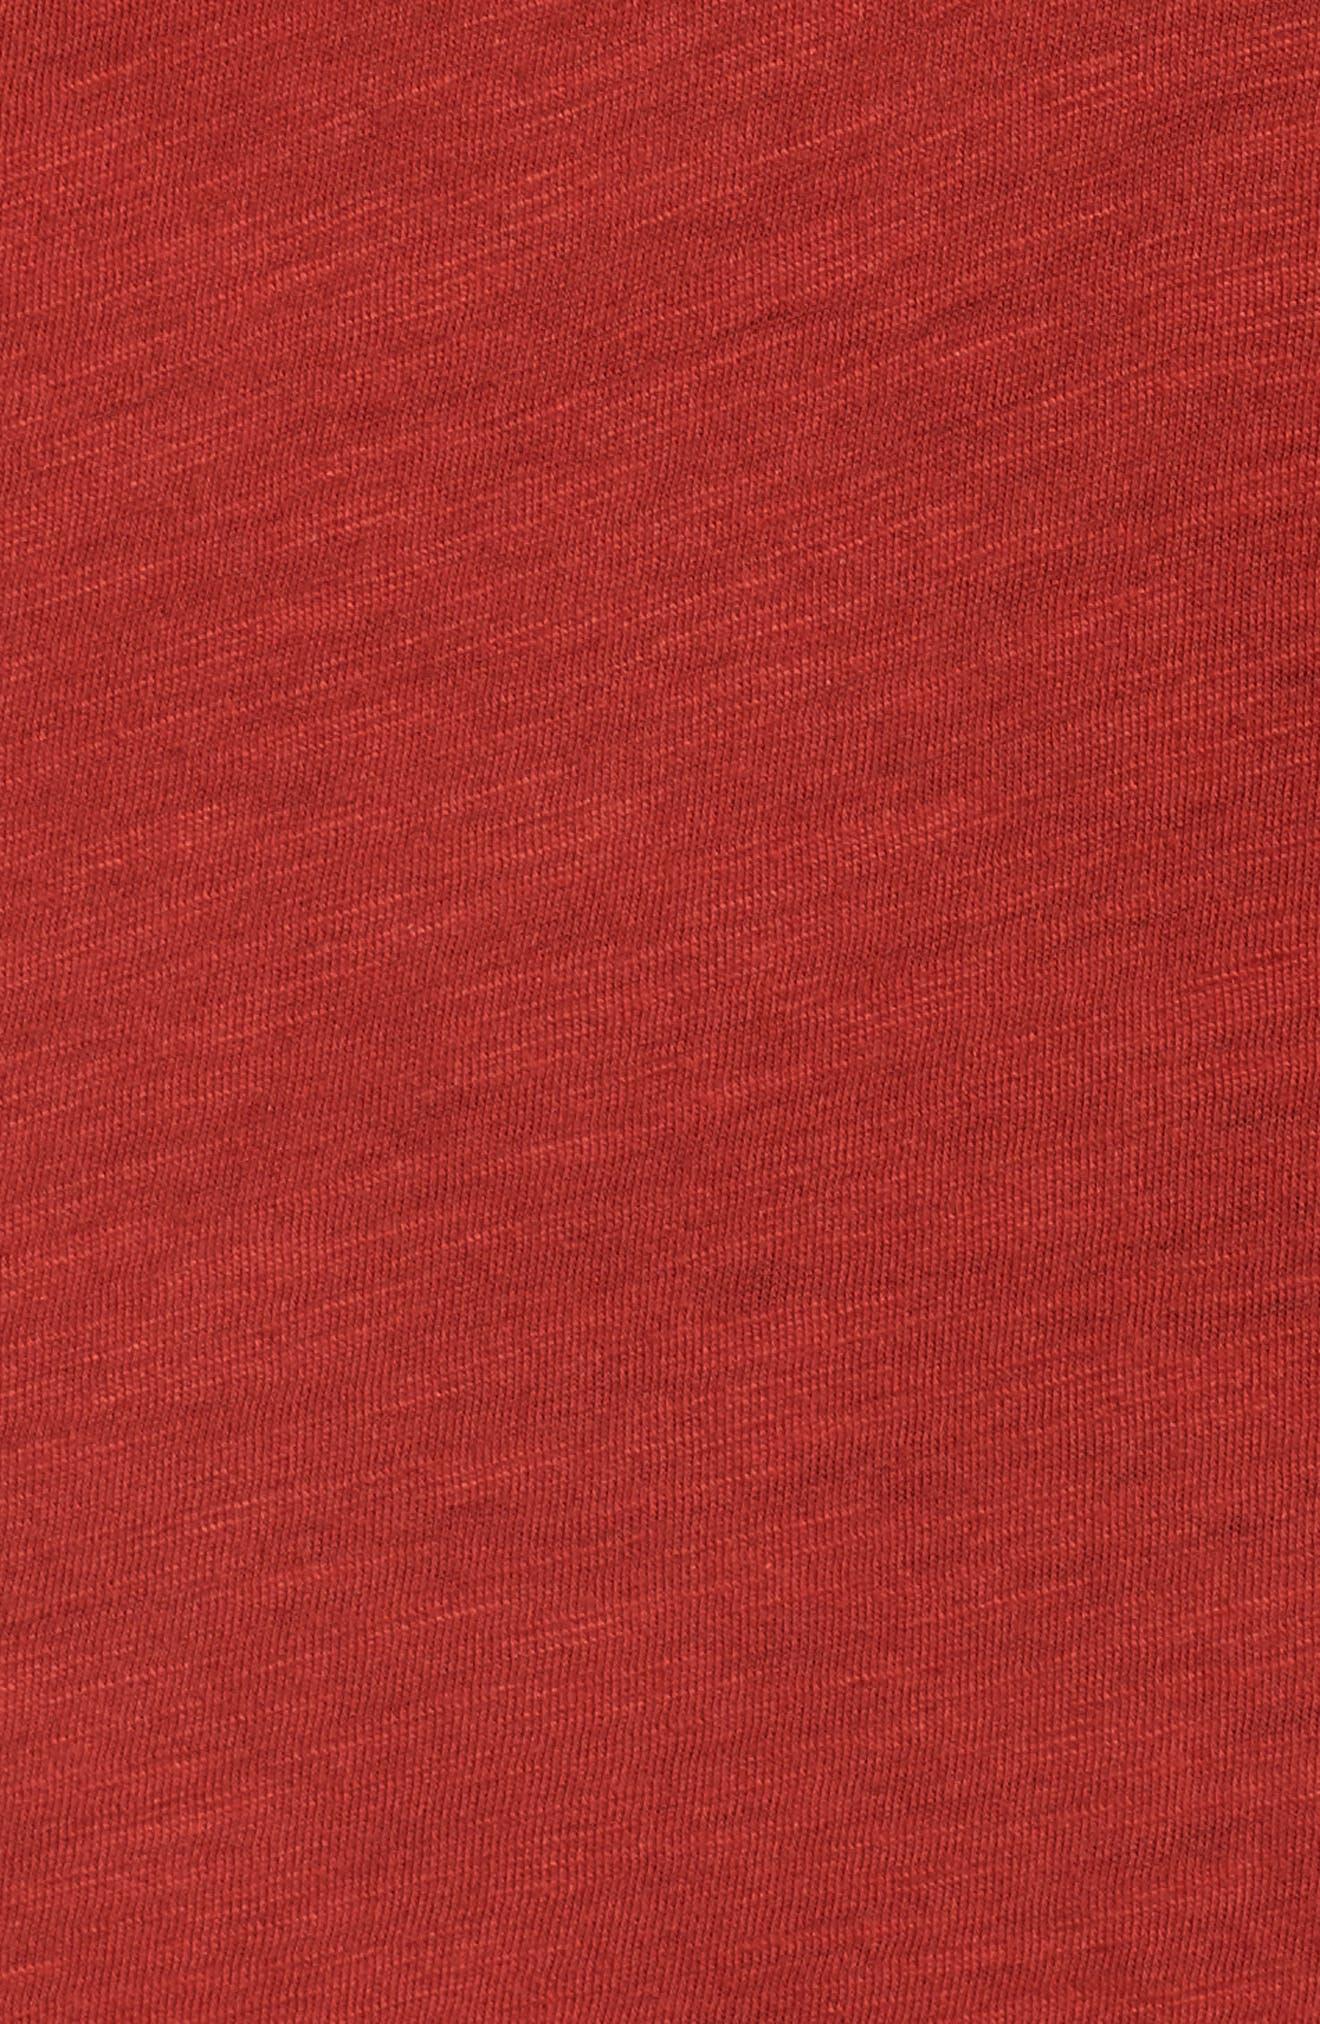 Embroidered Tie Shoulder Cold Shoulder Top,                             Alternate thumbnail 5, color,                             Heirloom Red